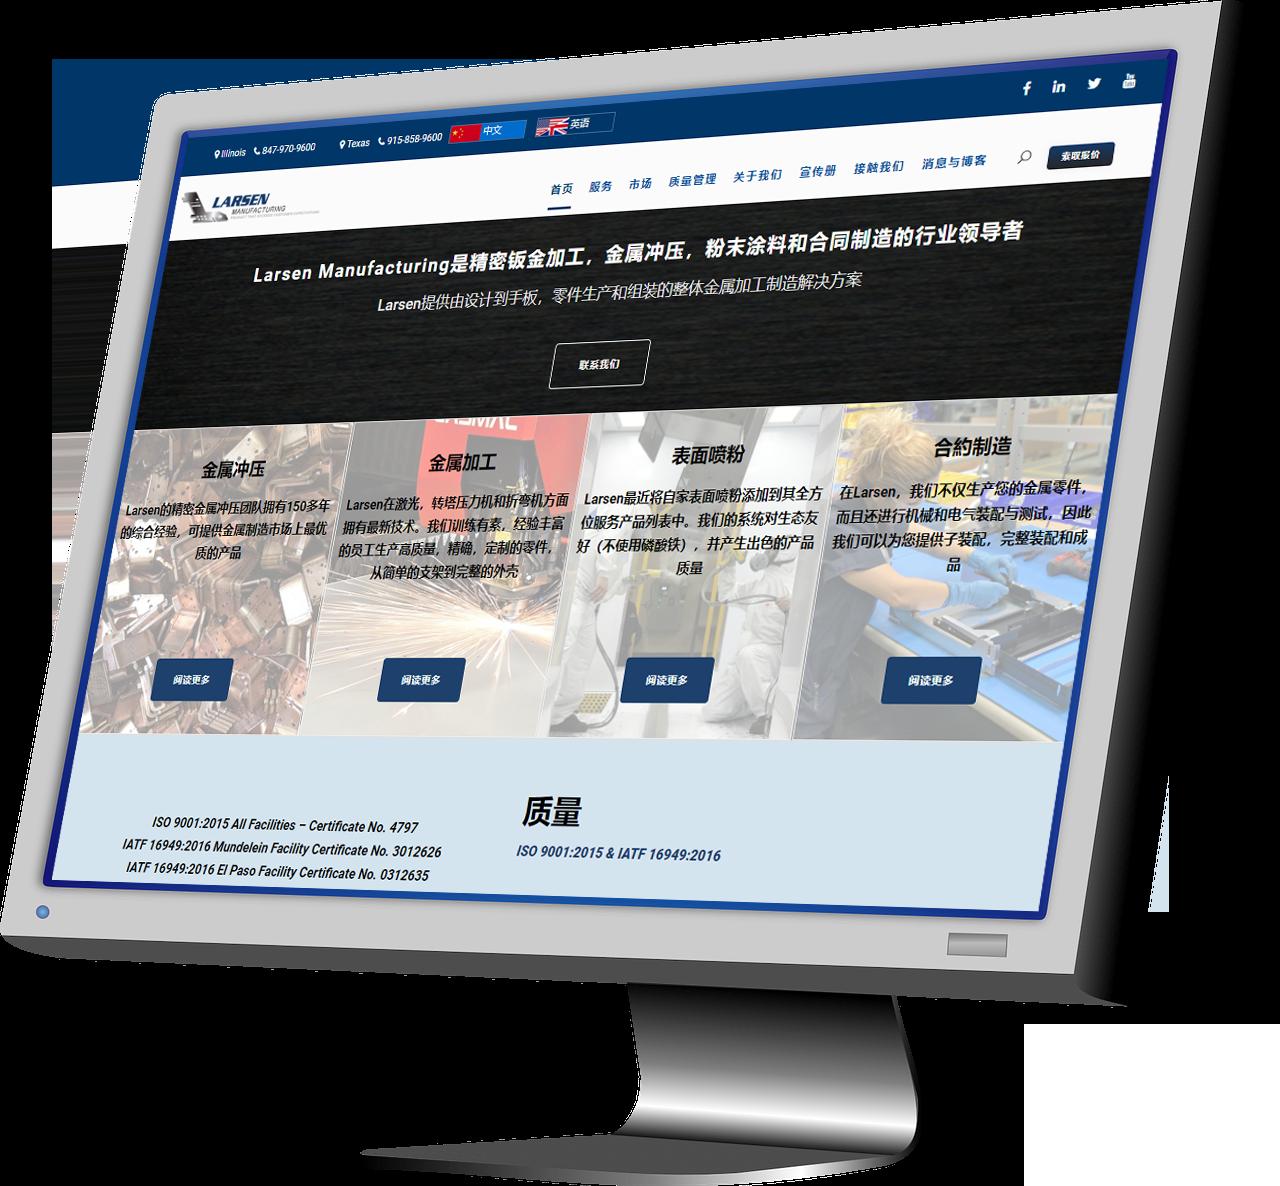 Larsen Manufacturing Chinese Website